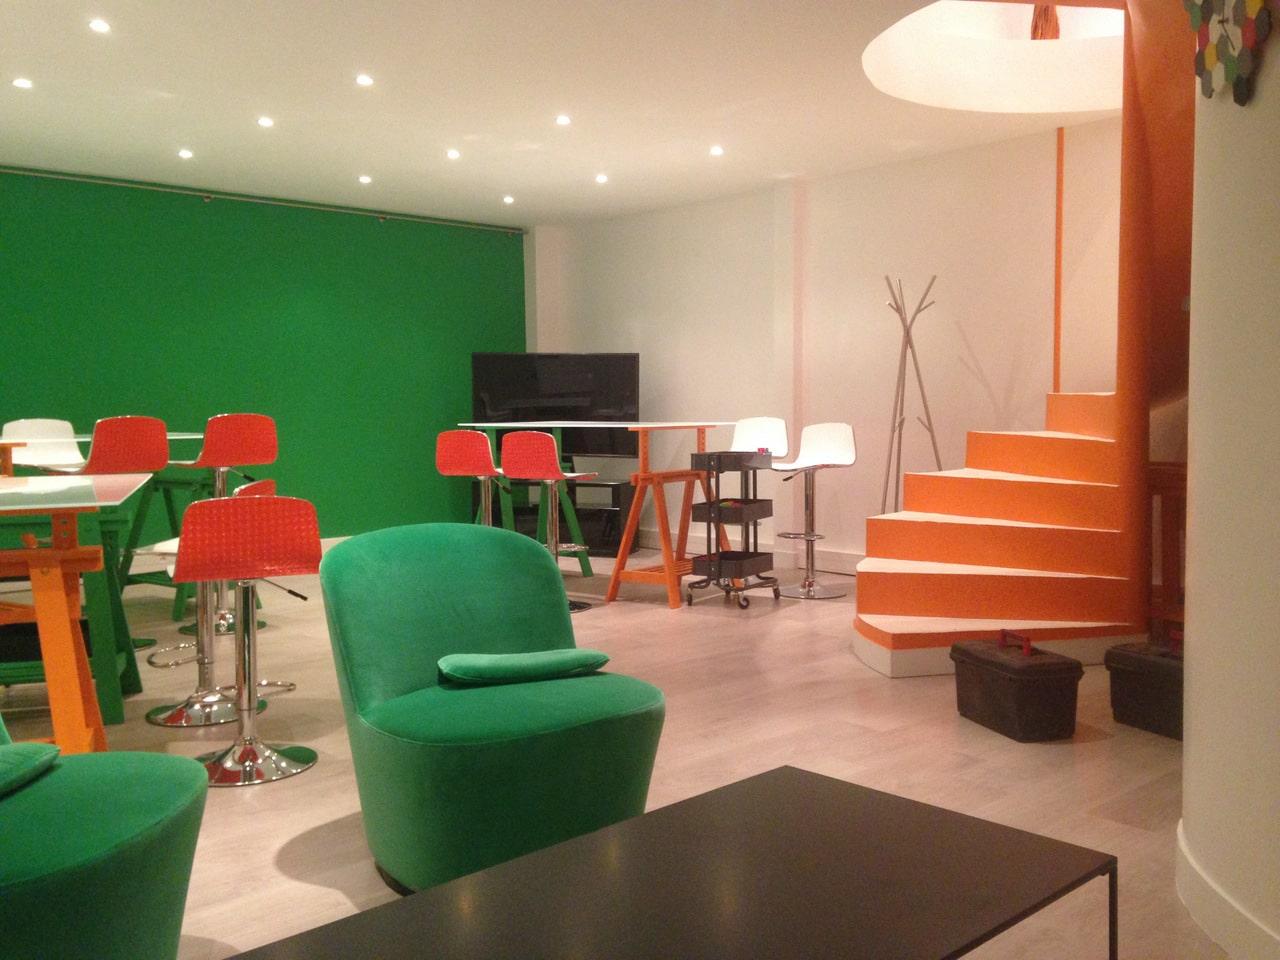 Création d'un espace de co-working à Courbevoie (92)